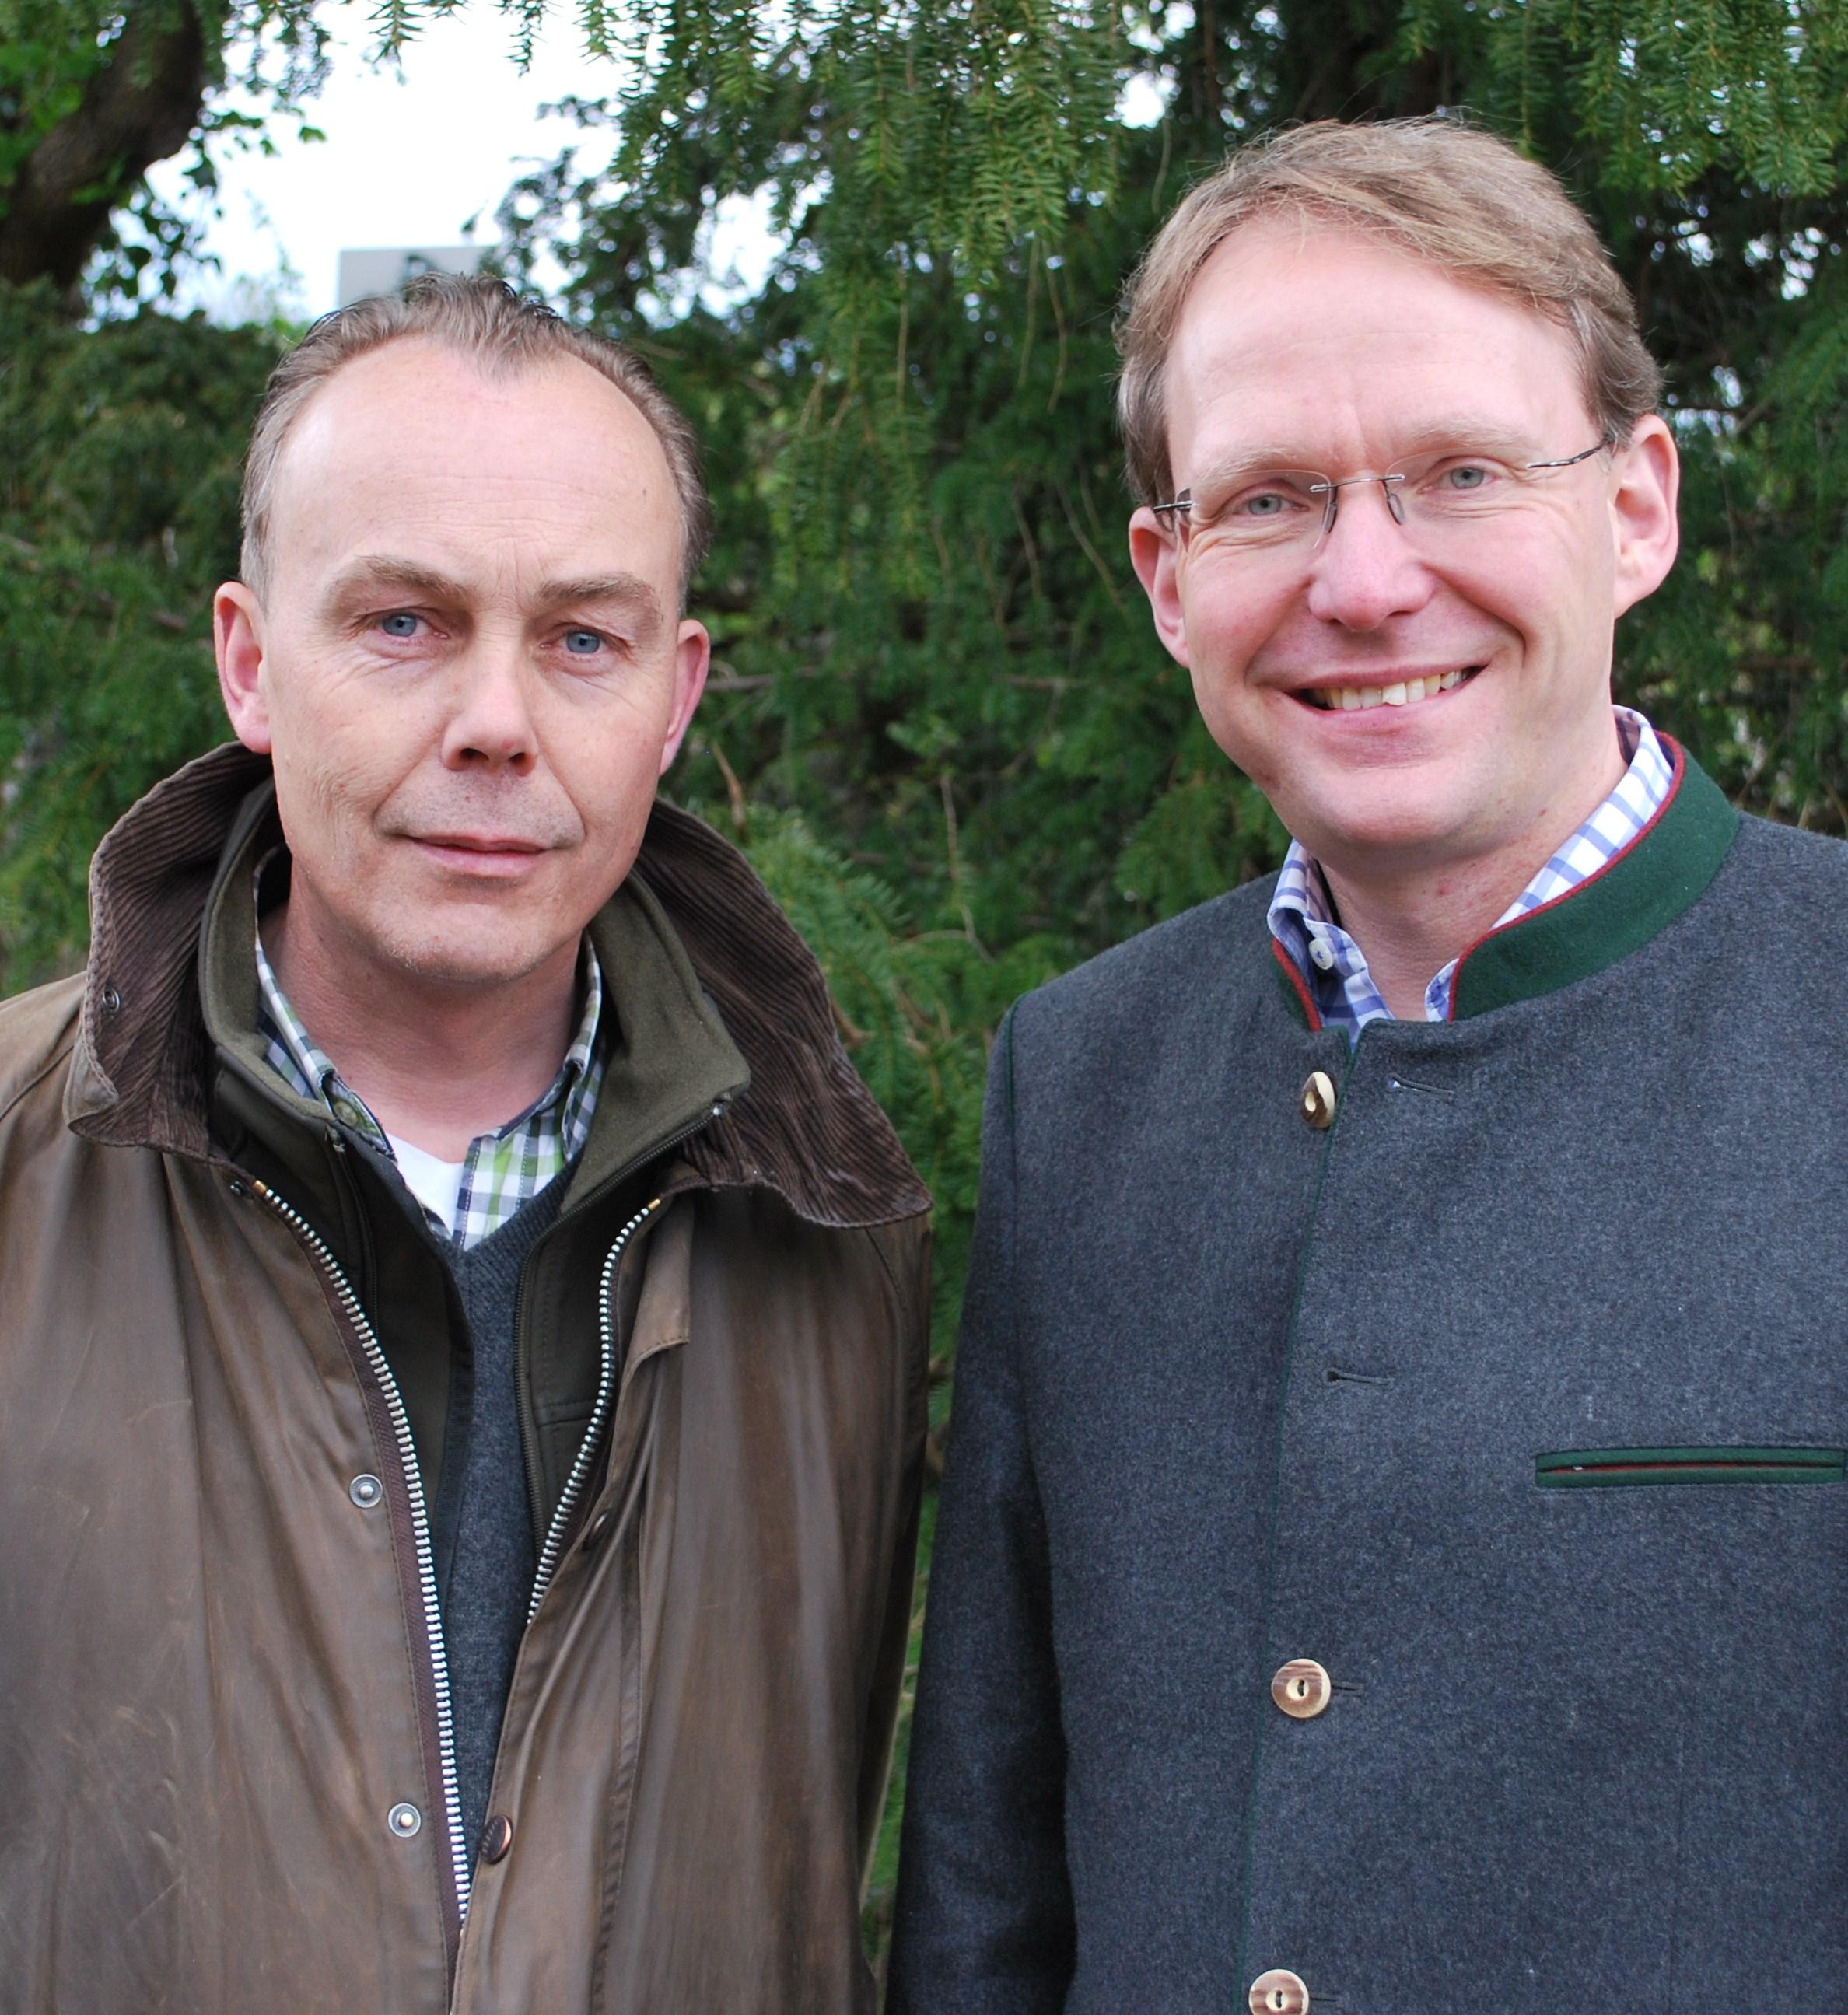 Waidgenossen:Uwe Lüders (links) und Claus Jacobi, die Initiatoren der Waidgenossen, wollen das jagdpolitische Profil der SPD schärfen und durch innerparteilichen Dialog zu sachgerechten Lösungen für die Reviere und die Jagdpraxis kommen.